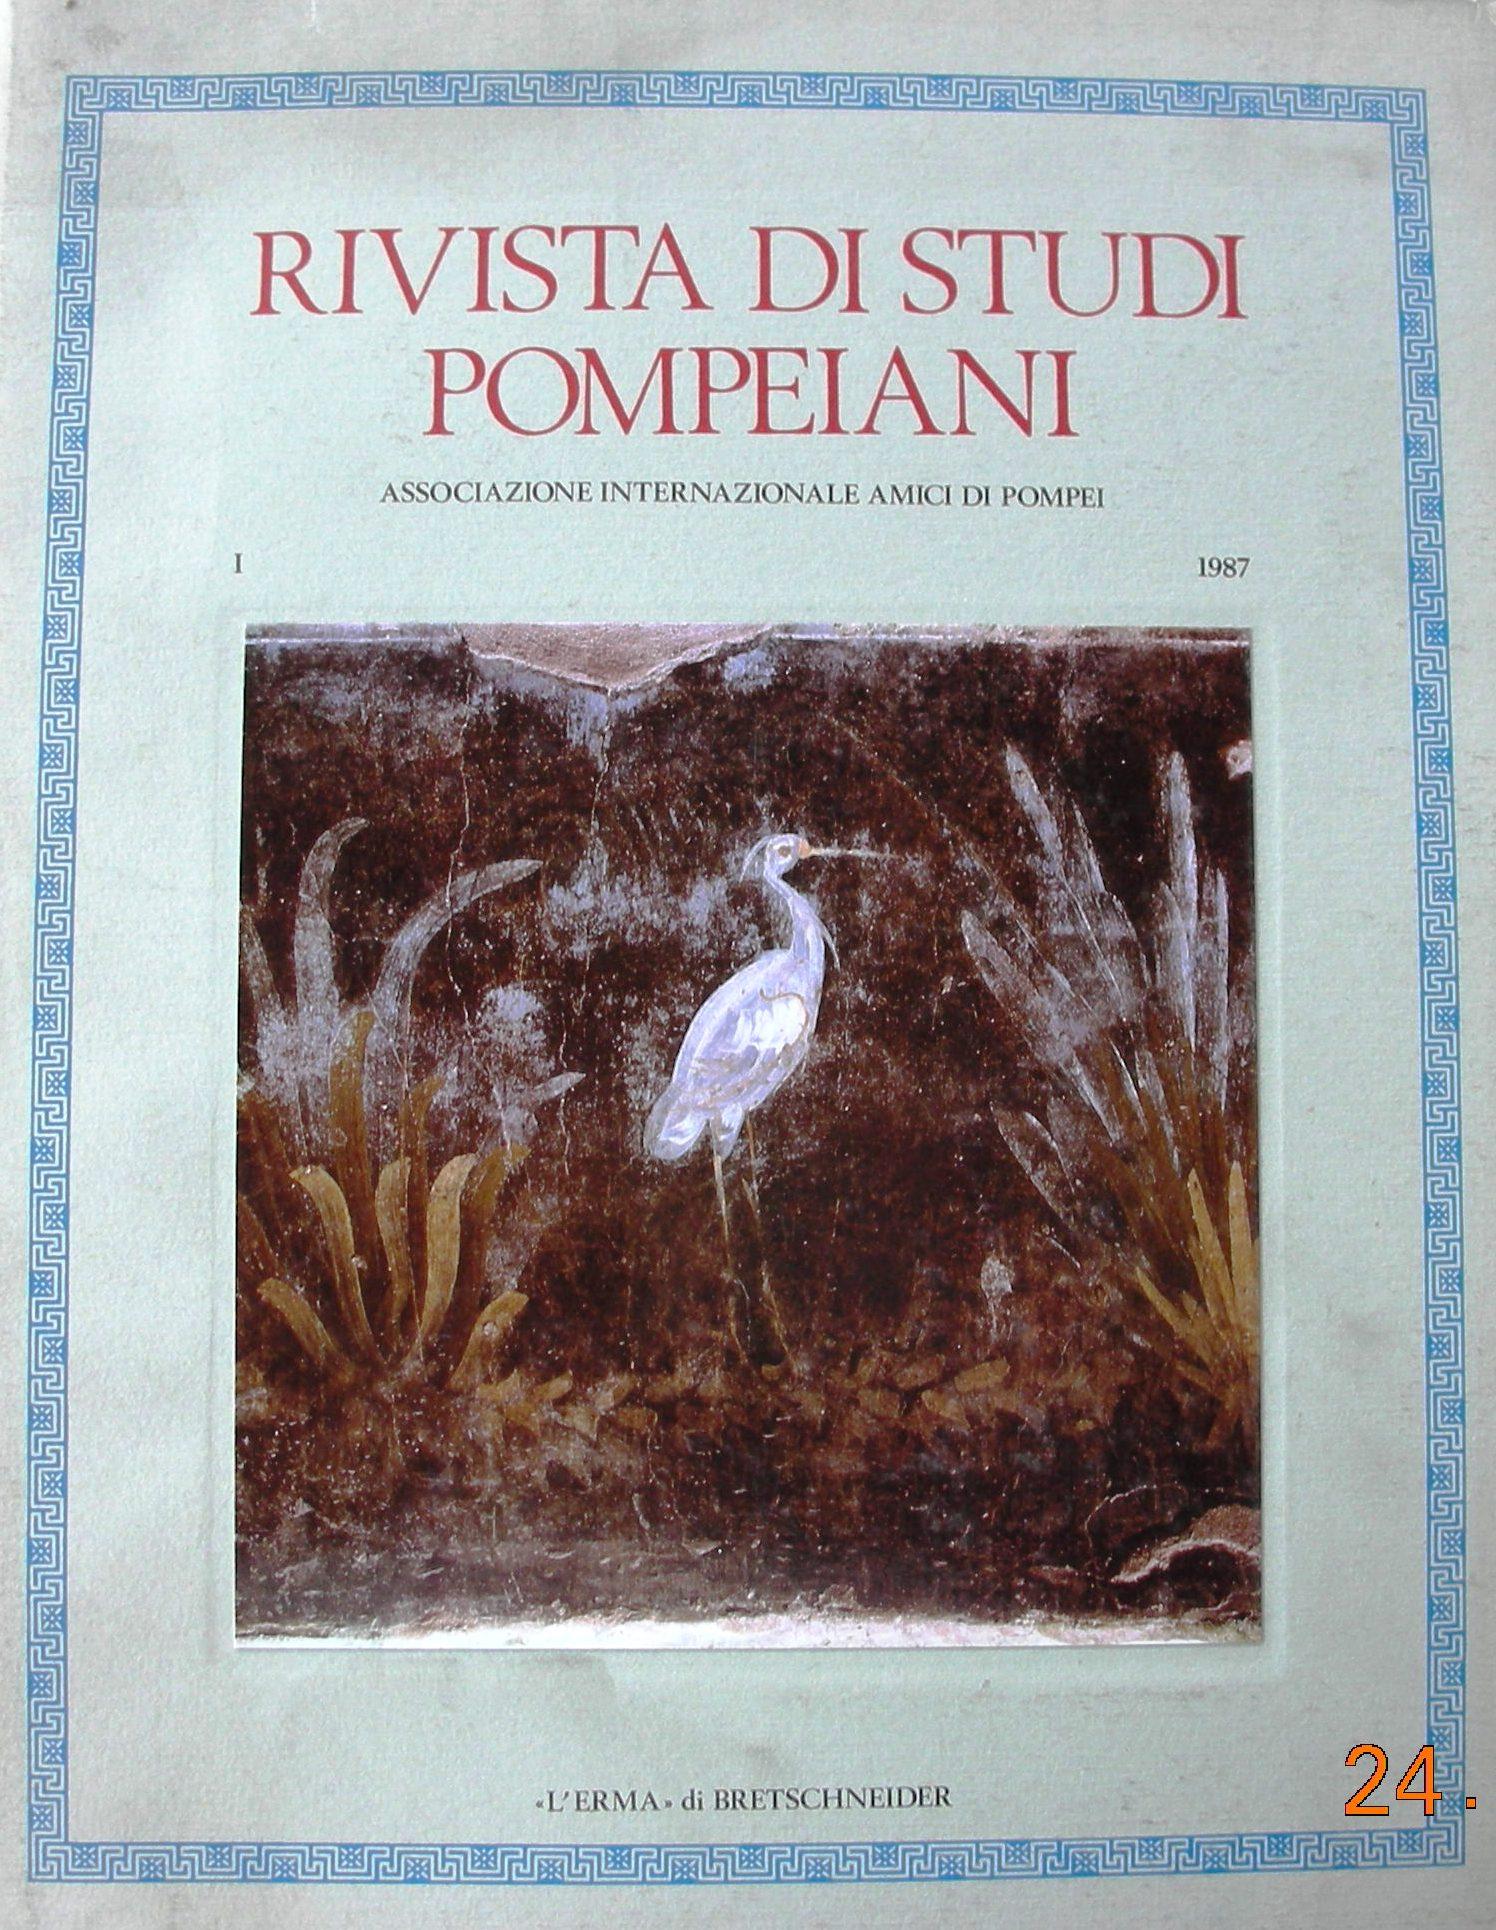 Rivista di studi pompeiani vol. 1 (1987)